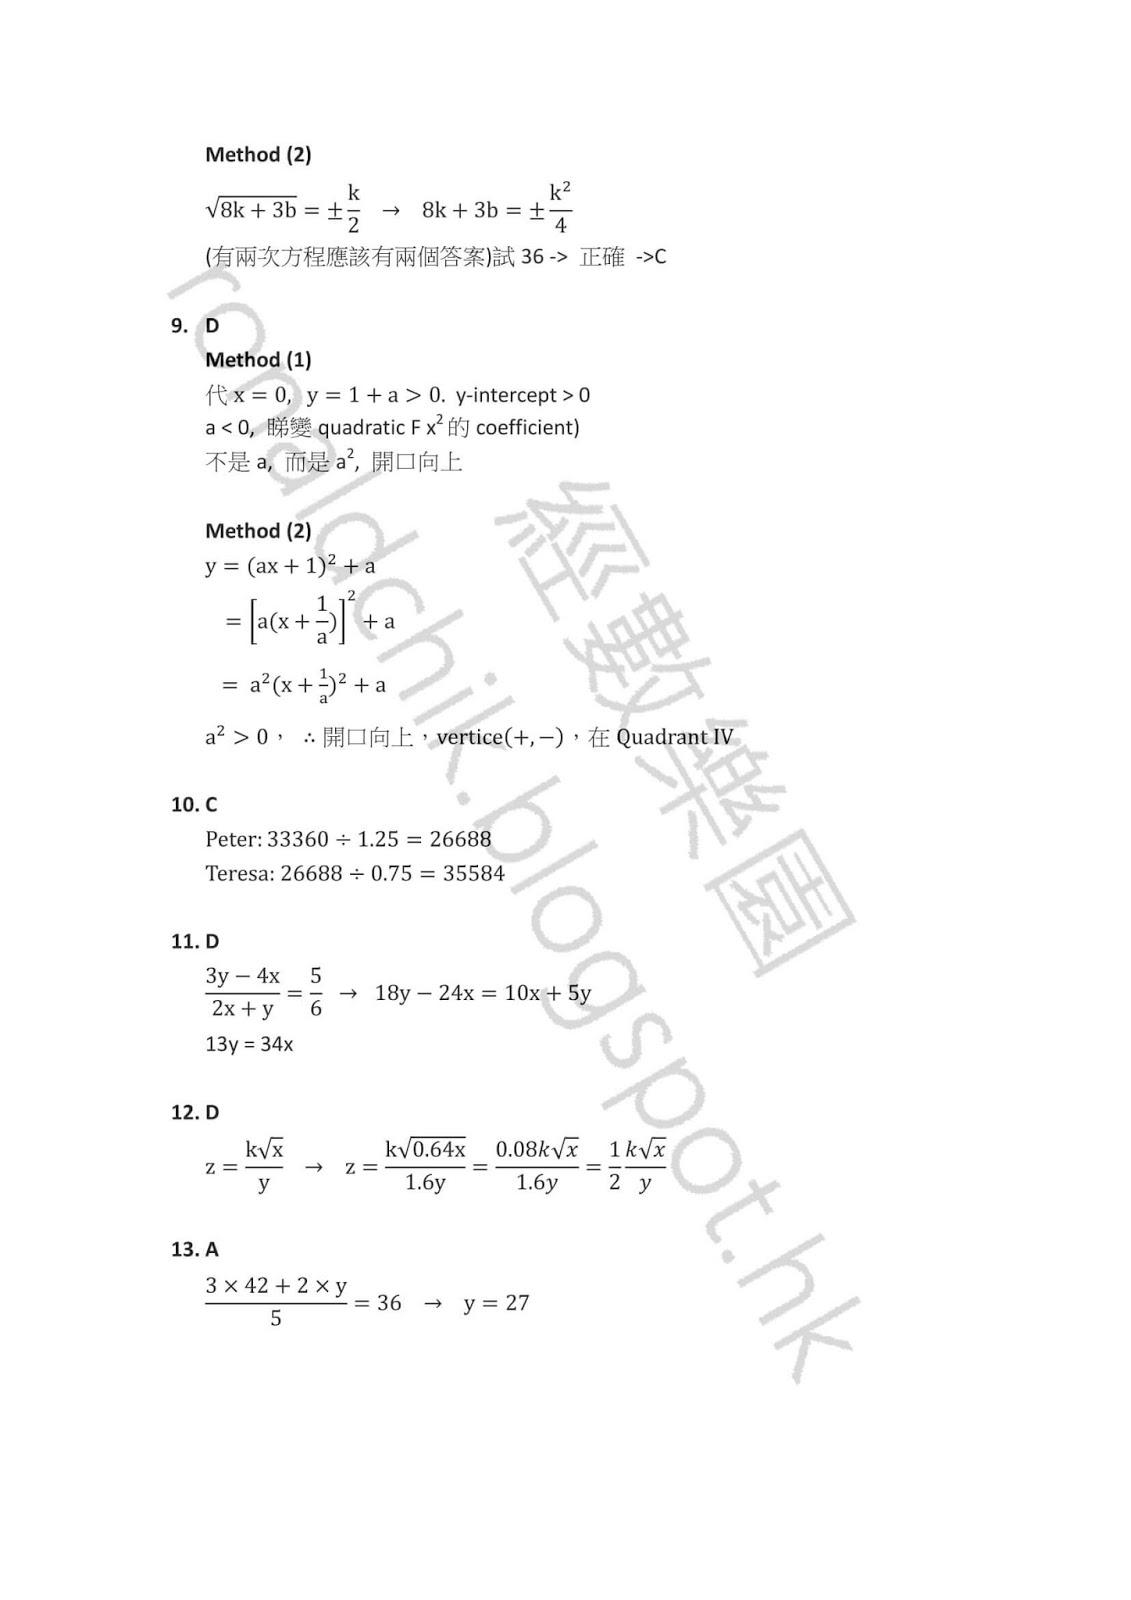 2016 DSE 數學卷二 答案 Q8-13